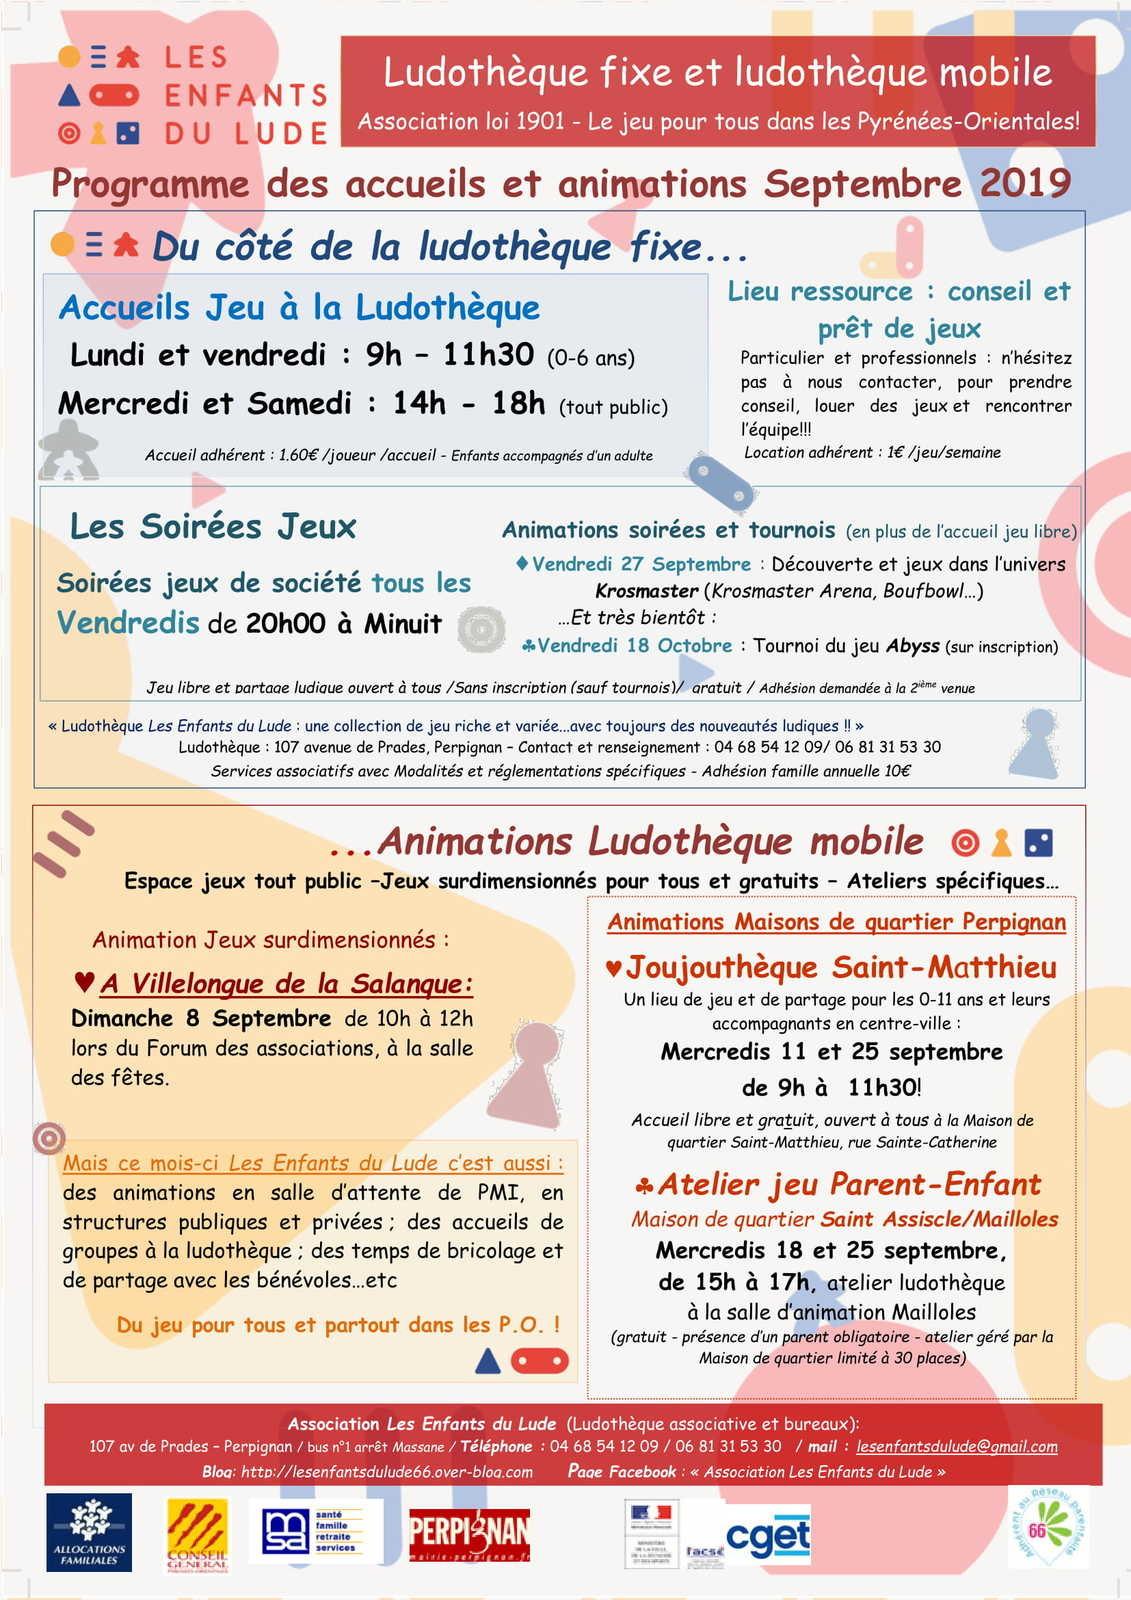 Programme Ludique De Septembre Avec Les Enfants Du Lude intérieur Jeux Ludique Pour Enfant